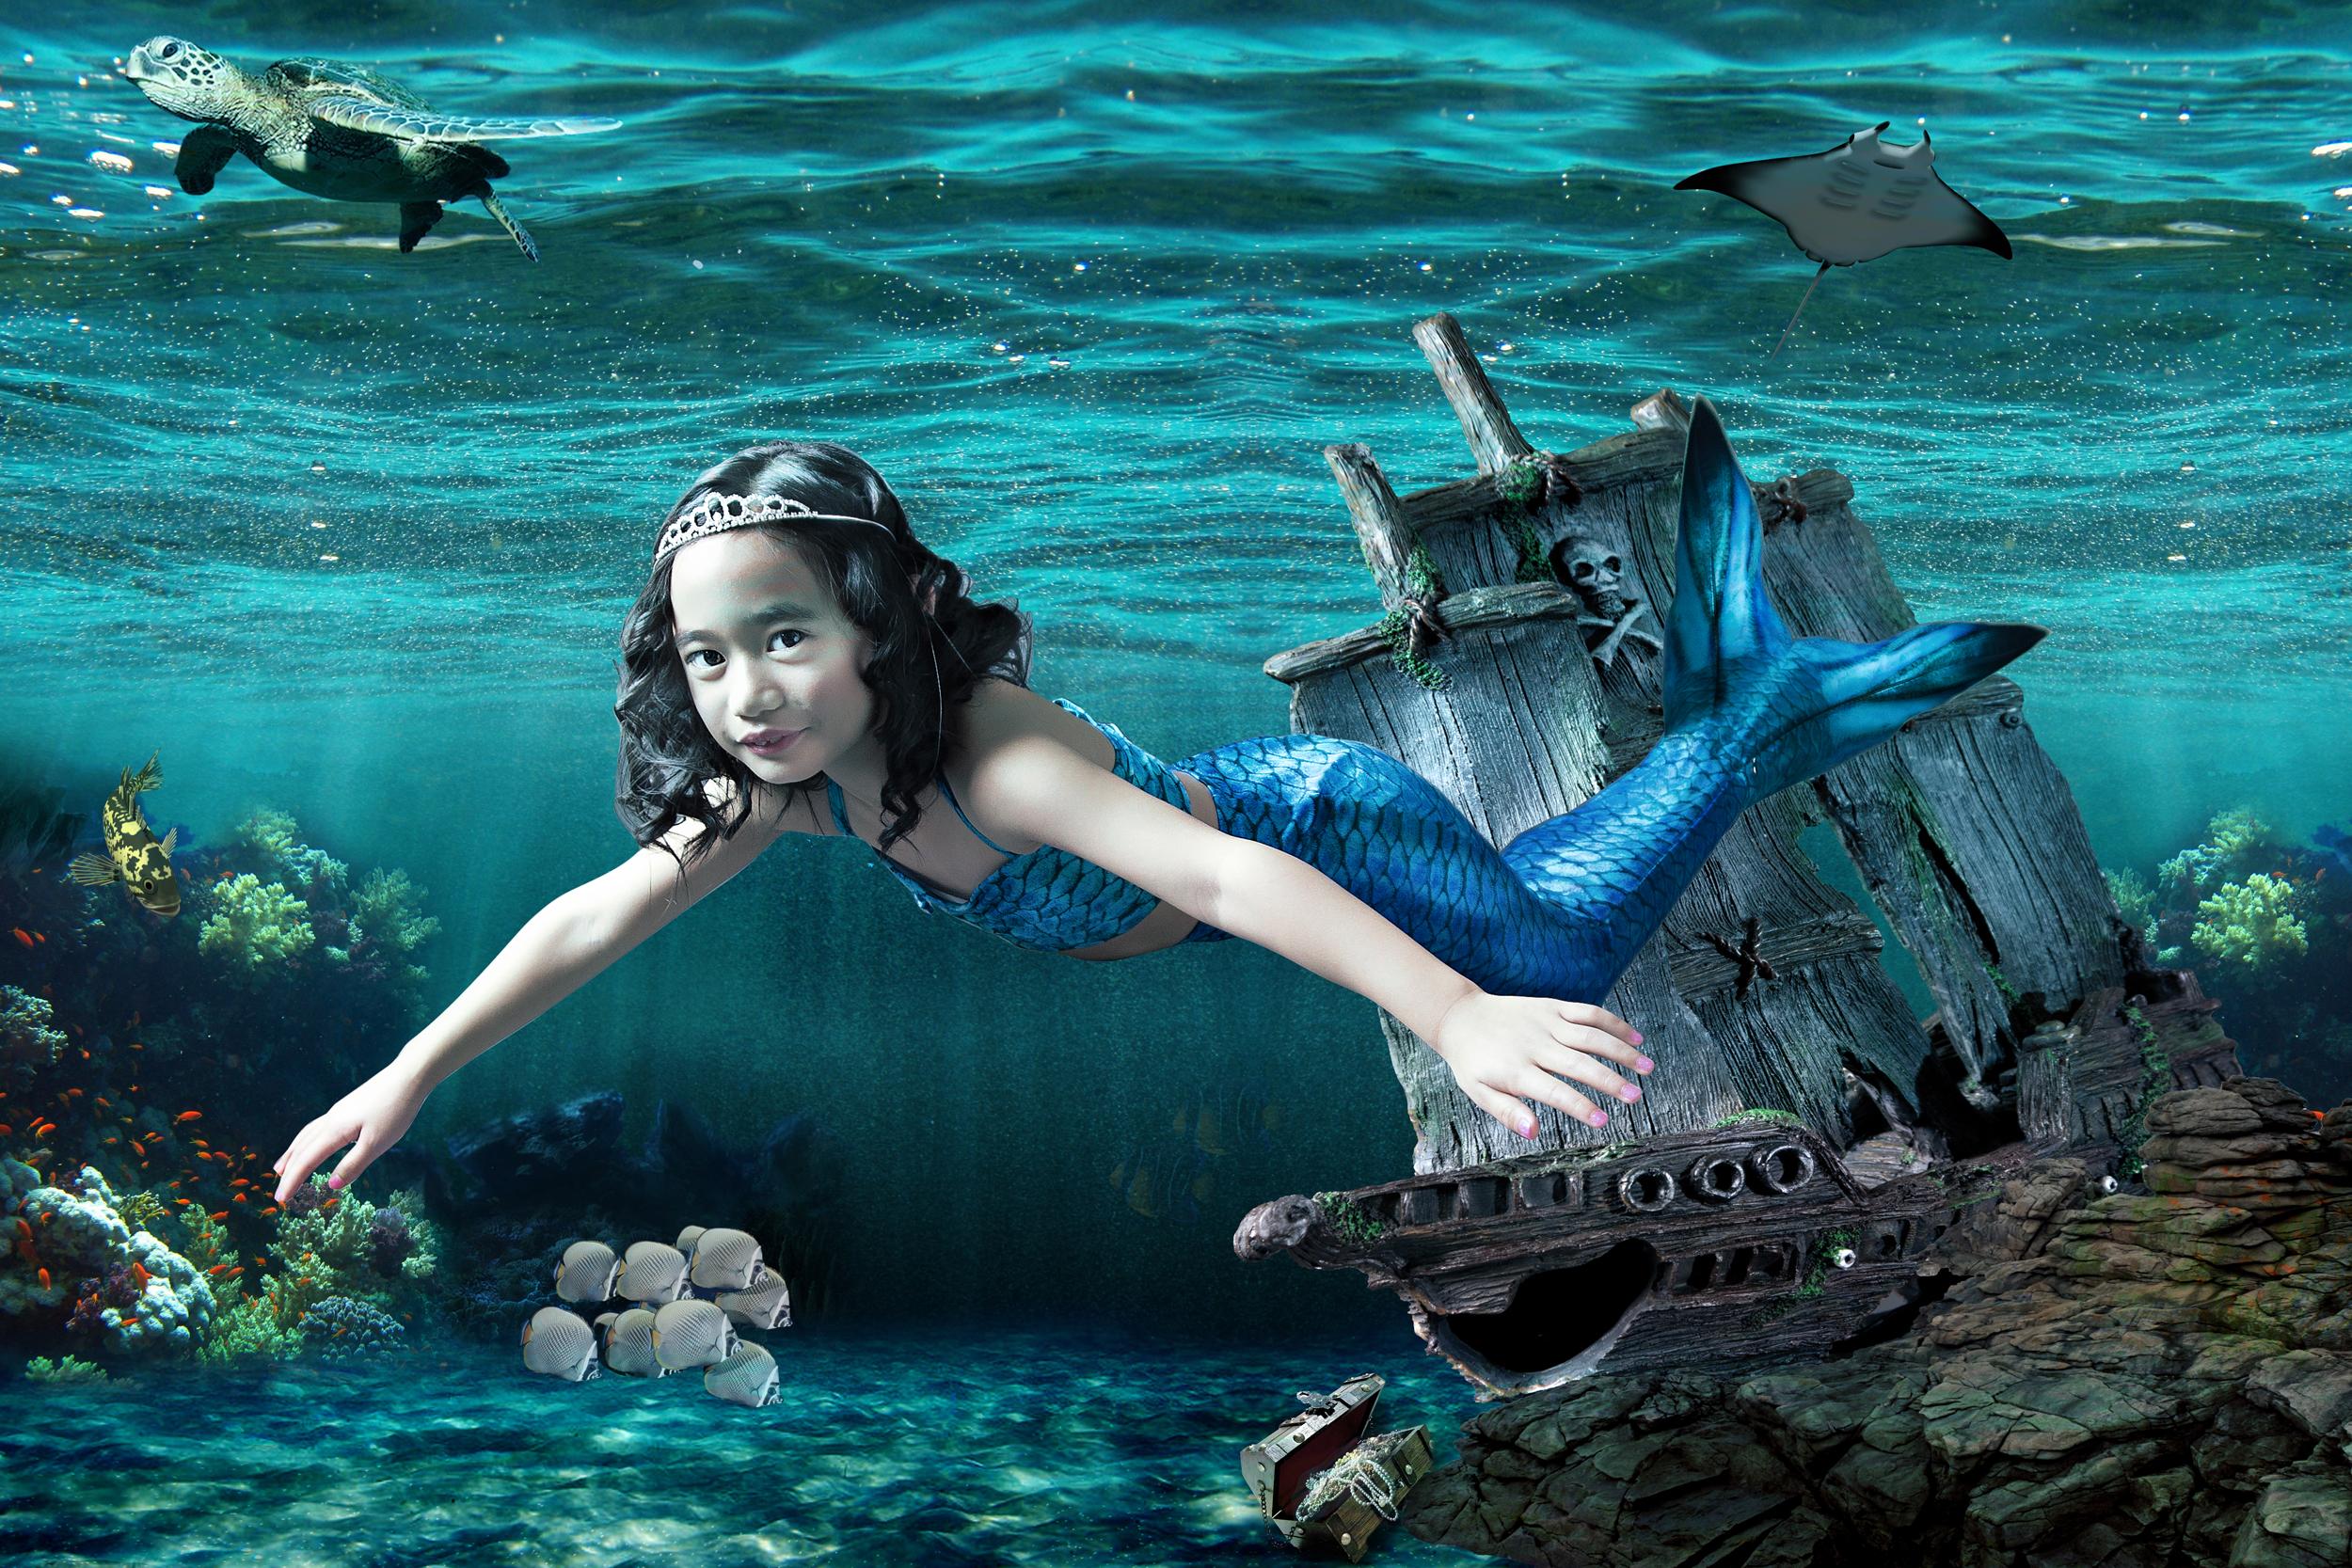 Mermaid_9538.jpg